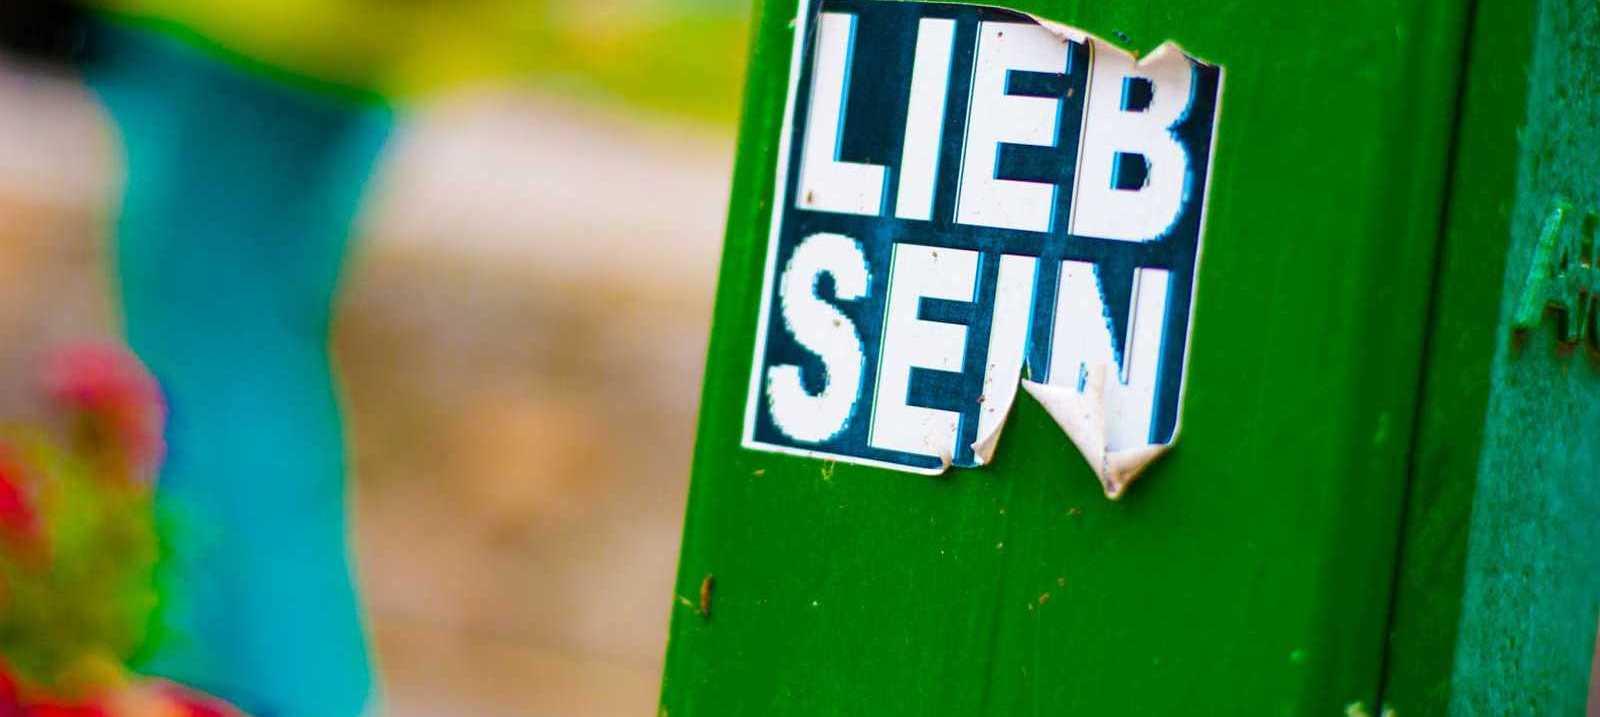 Lieb sein | fundraising-evangelisch.de